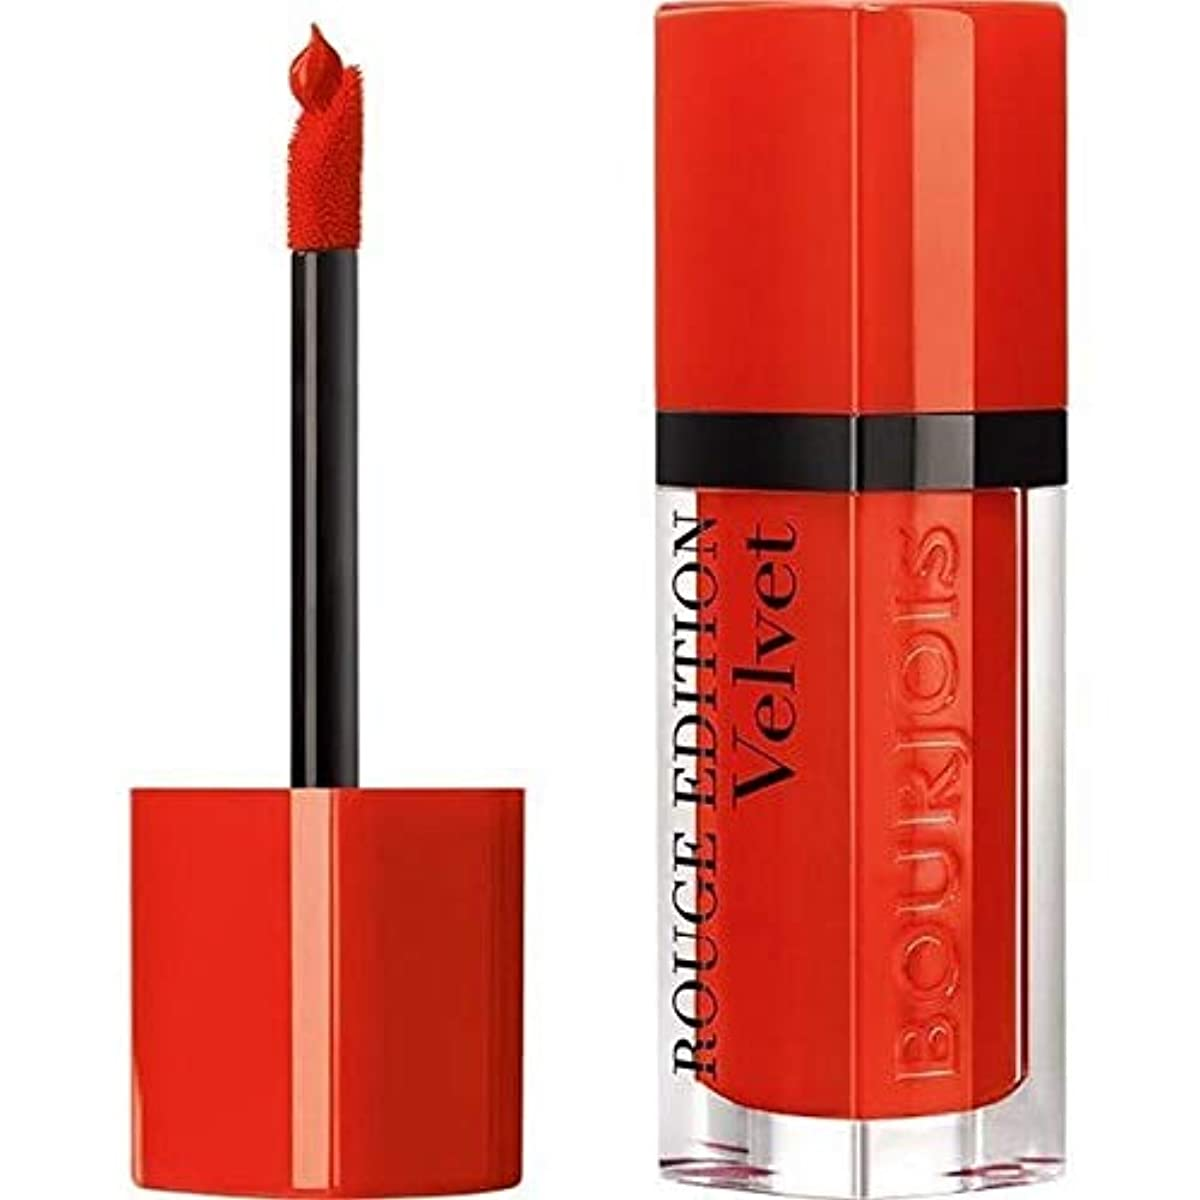 同僚雄弁邪悪な[Bourjois ] ブルジョワルージュ版のベルベットの口紅ケシの日20 - Bourjois Rouge Edition Velvet Lipstick Poppy Days 20 [並行輸入品]